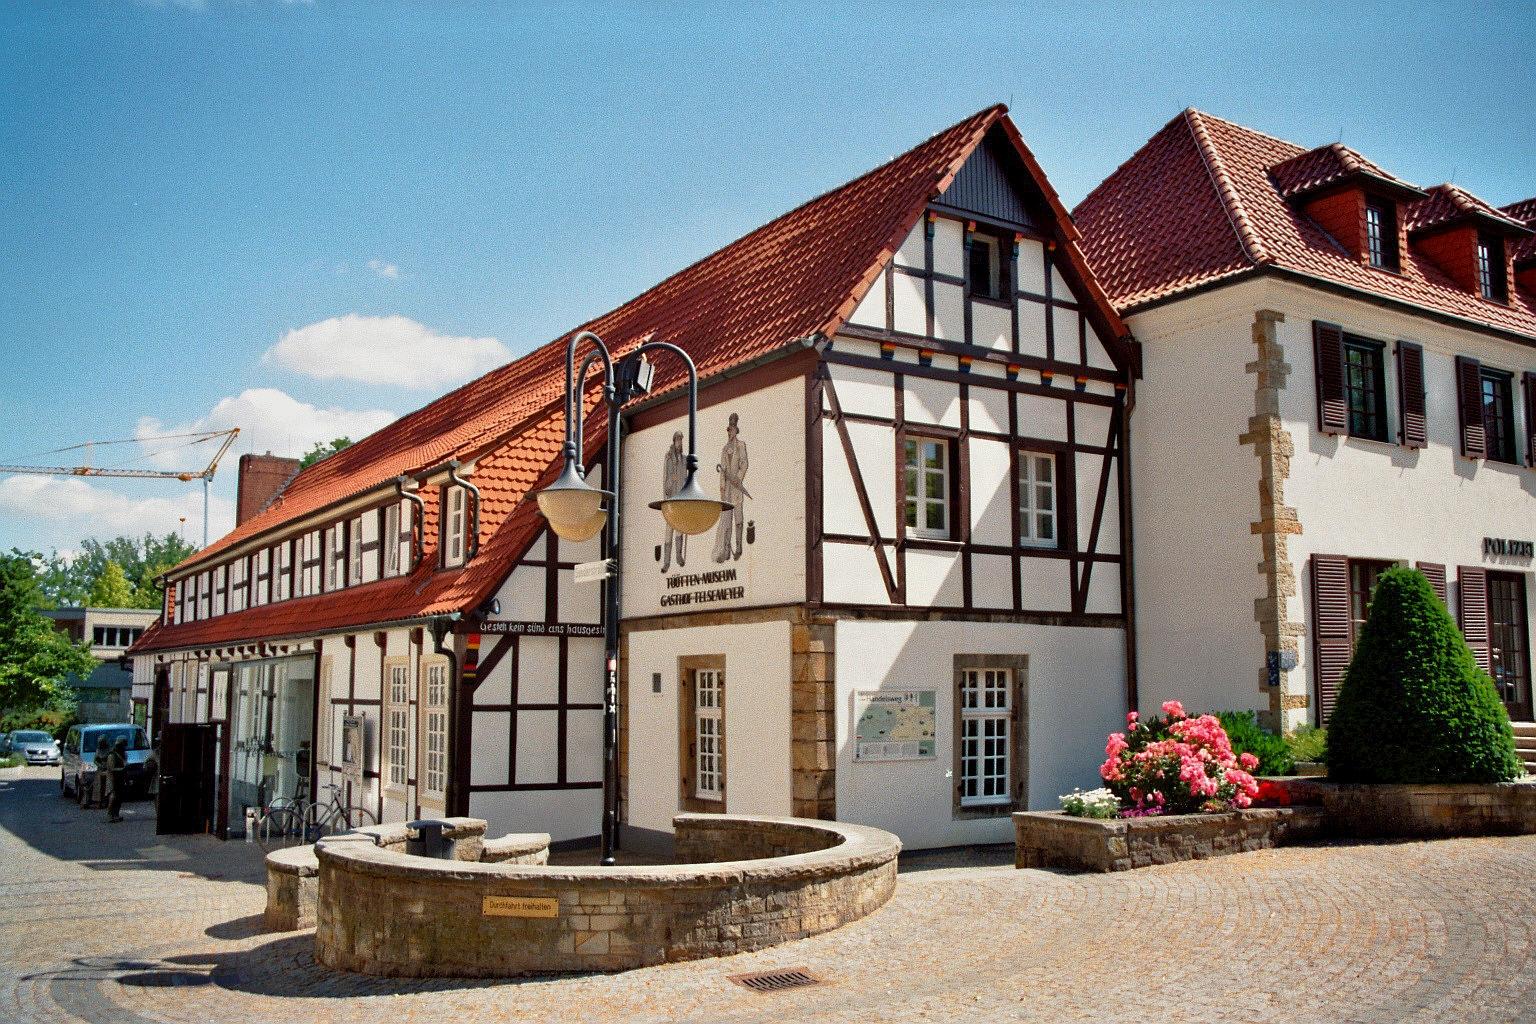 Hotel Restaurant Alte Muhle Bardenberg